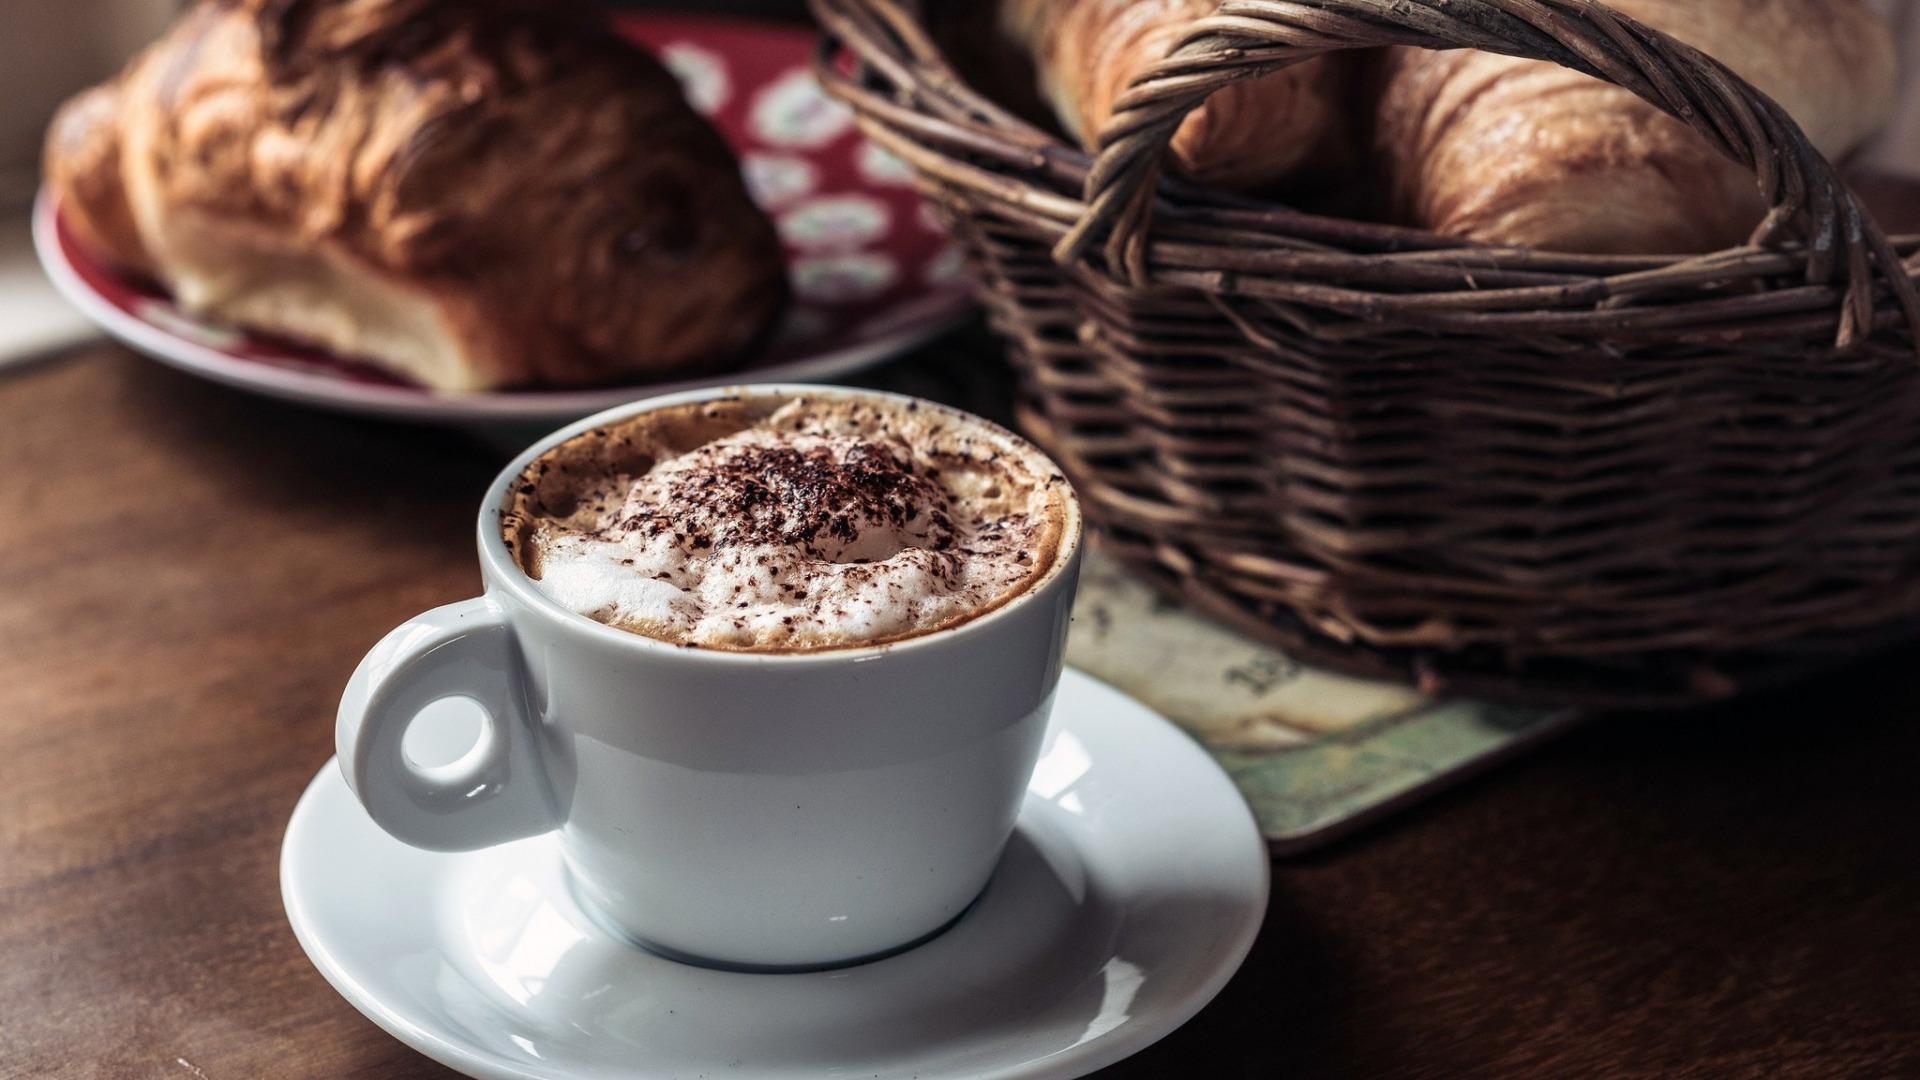 чашка кофе ч плюшкой фото одеяла